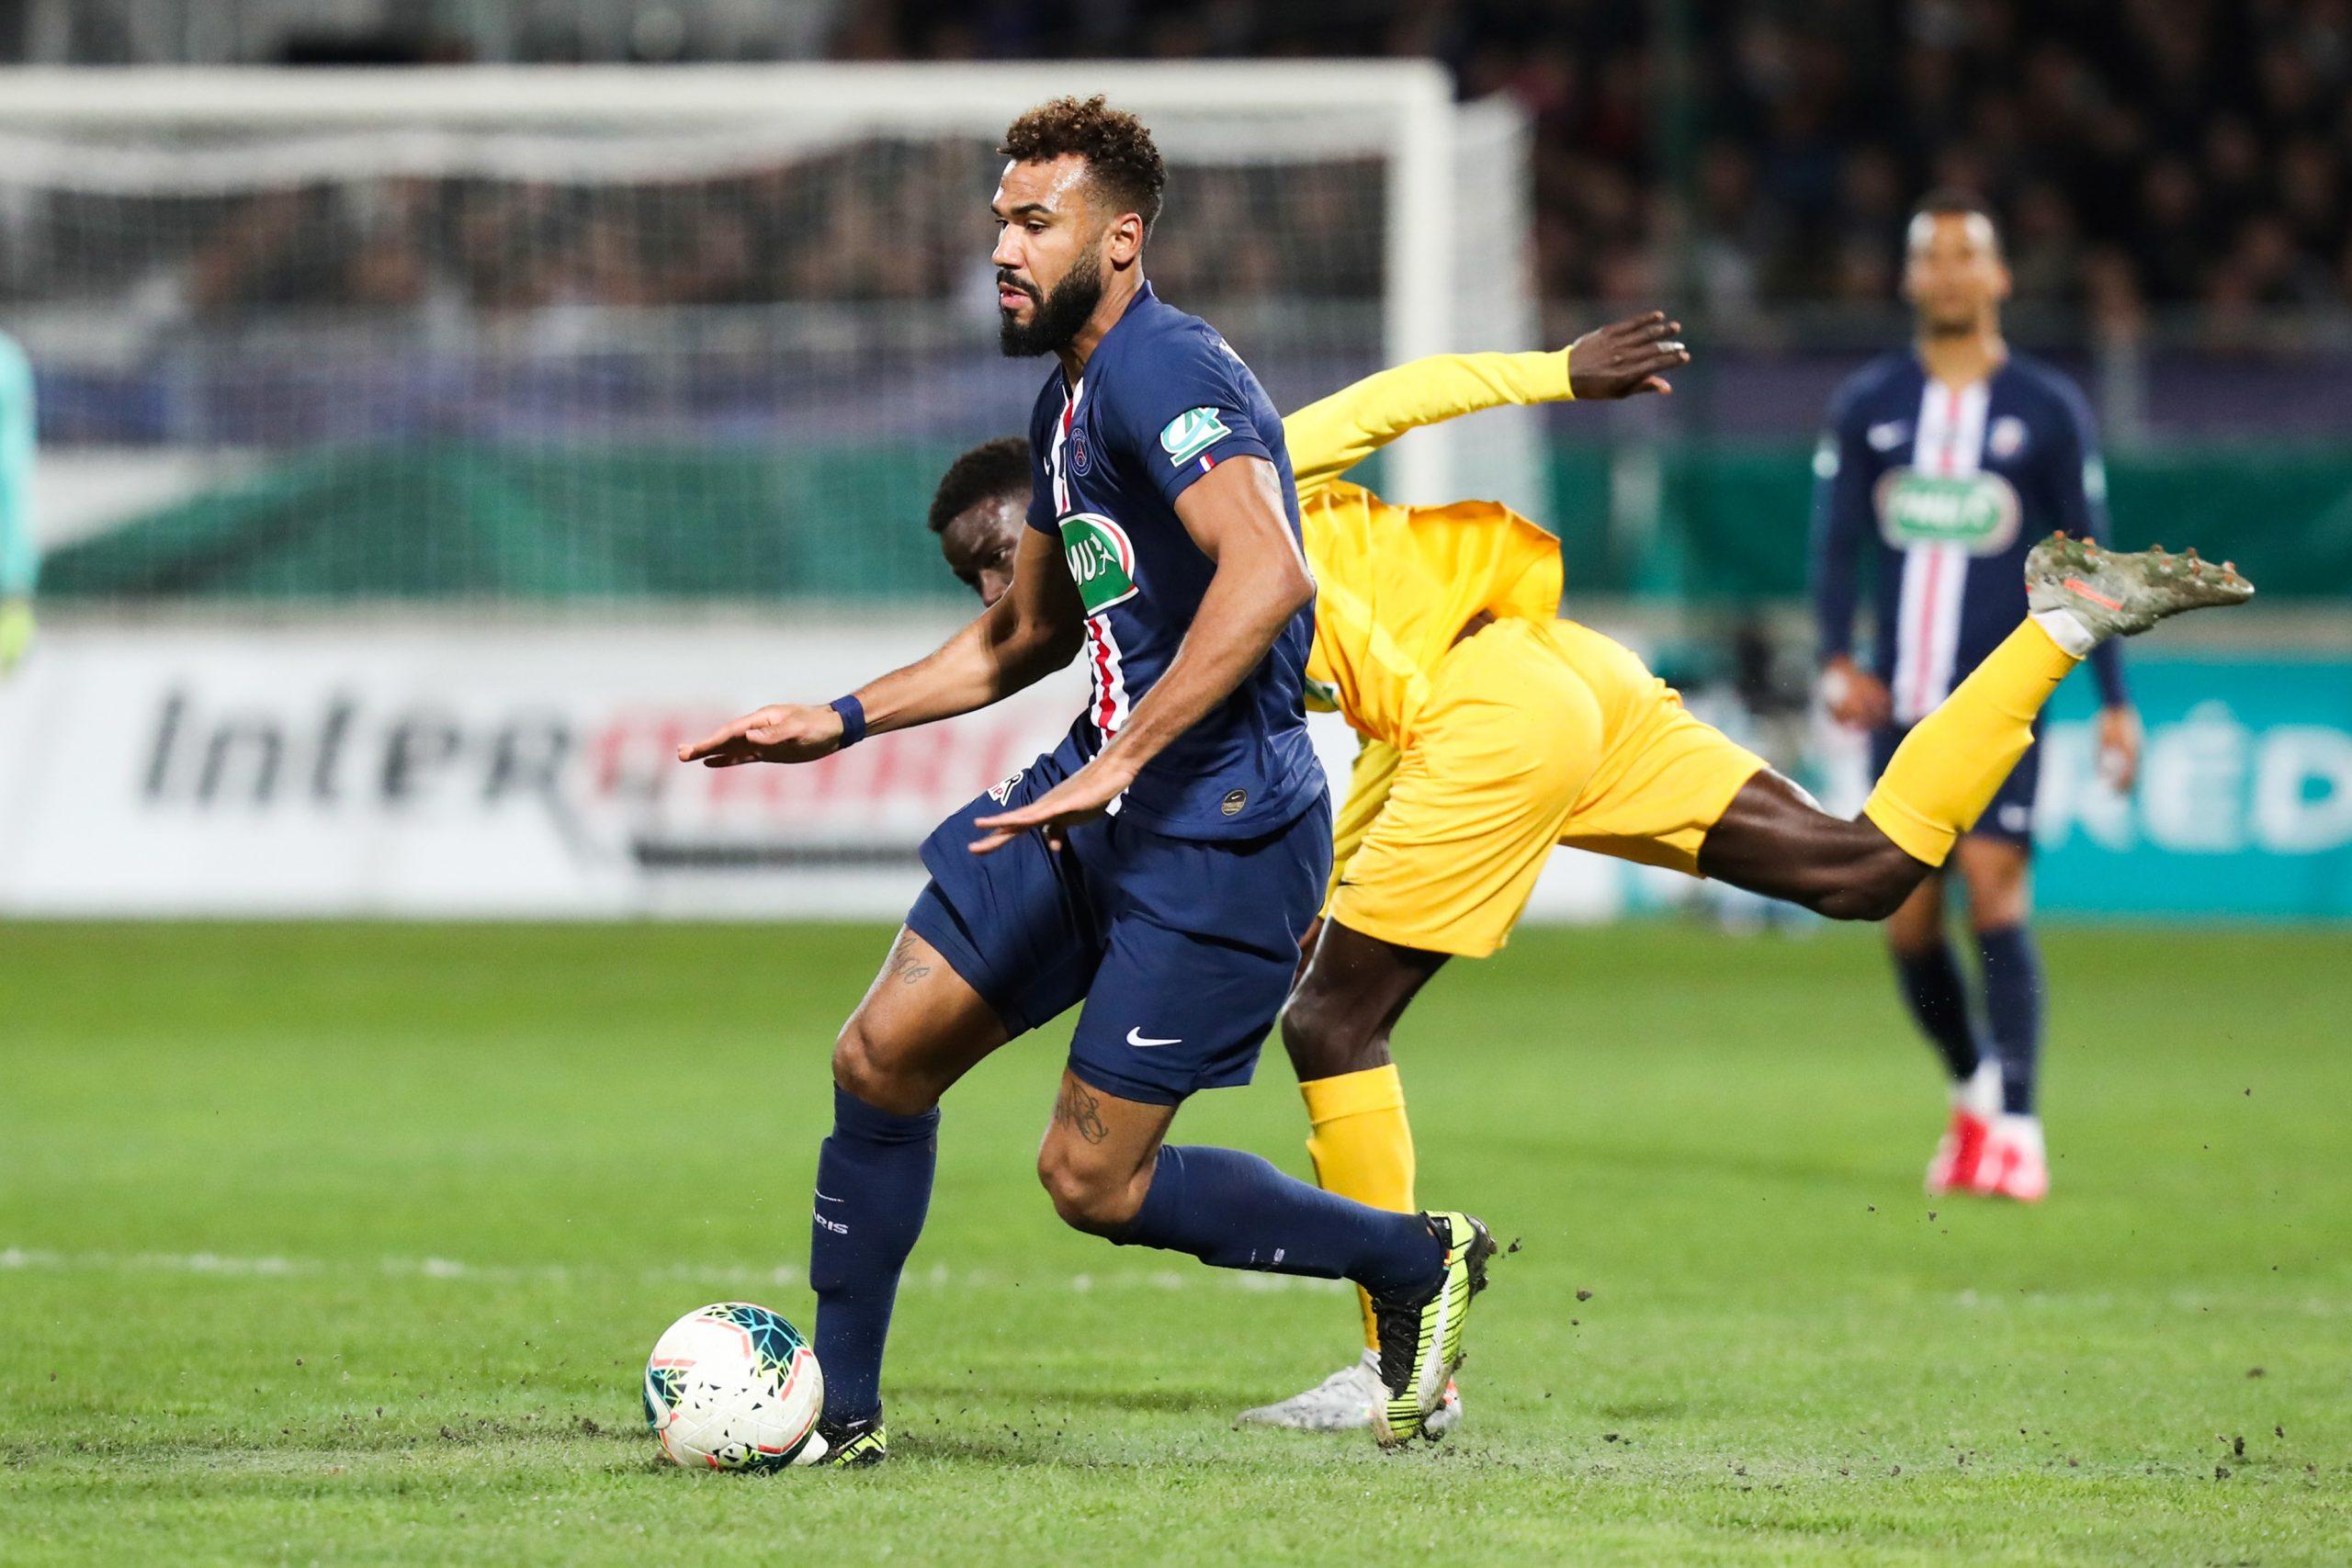 Mercato - Le Torino prêt à proposer un contrat de 2 ans à Choupo-Moting, selon Tuttosport